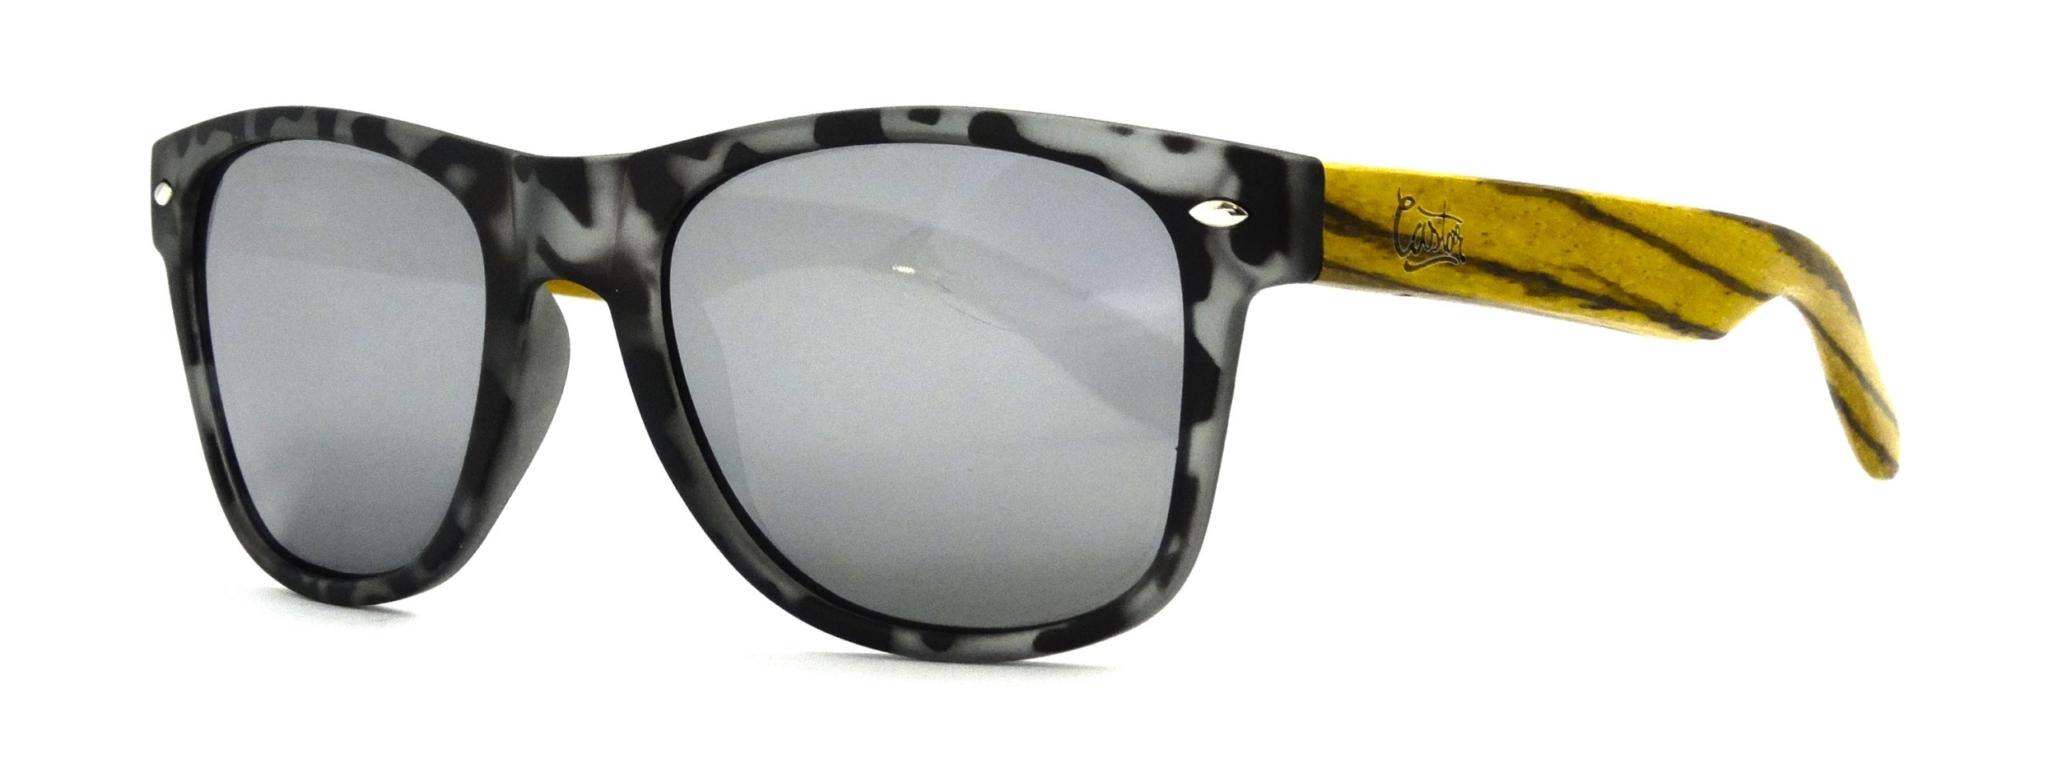 31aeb2c0-126b-gafas-de-sol